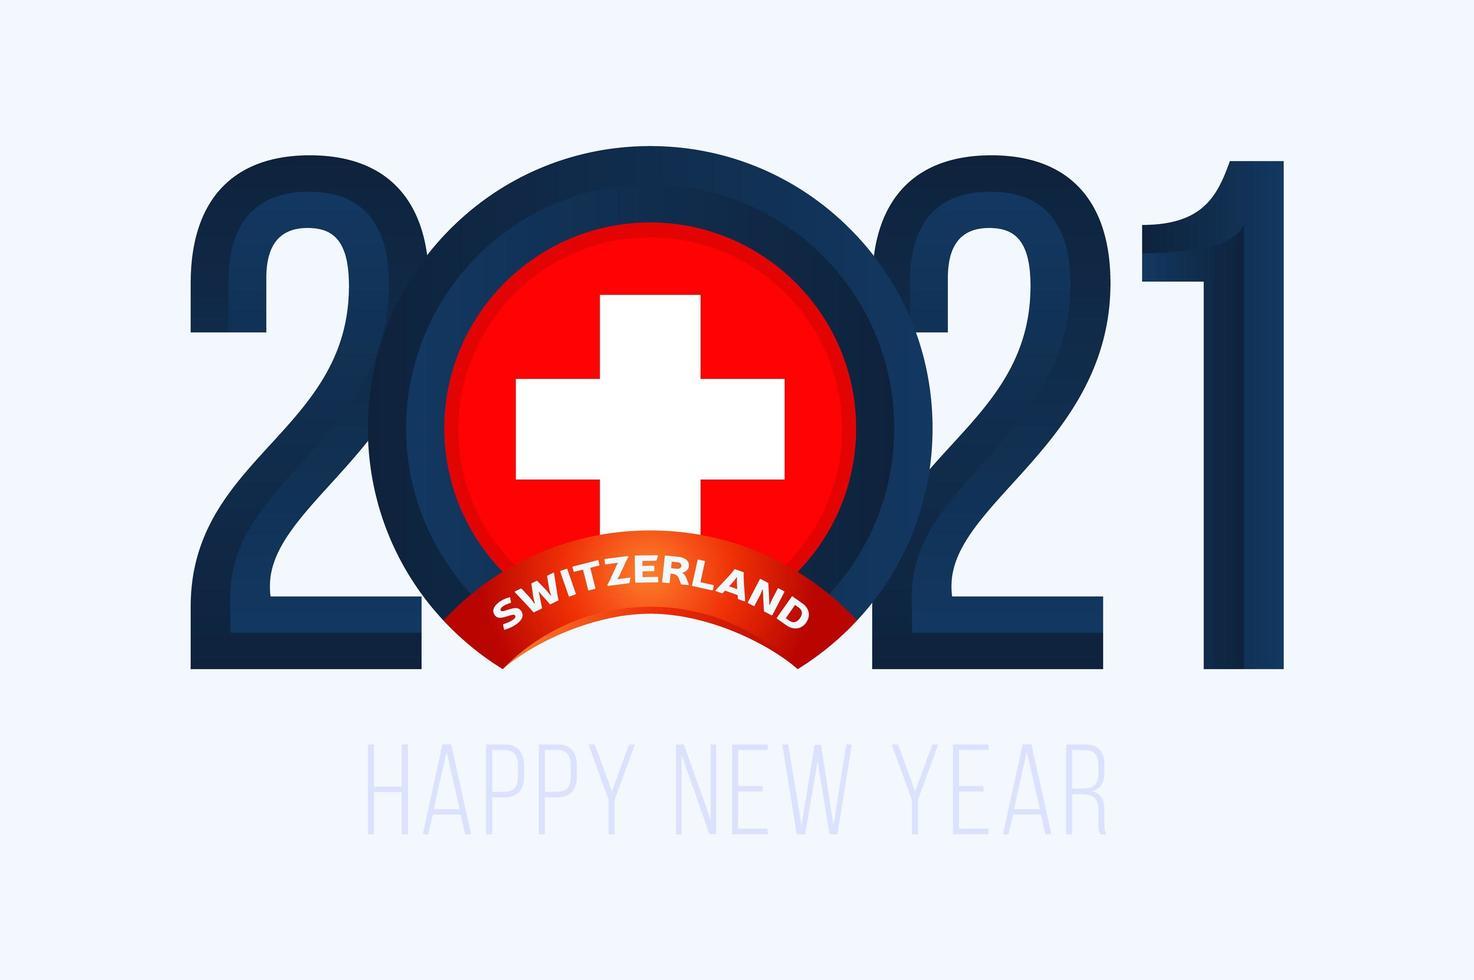 Neujahr 2021 Typografie mit der Schweiz Flagge vektor